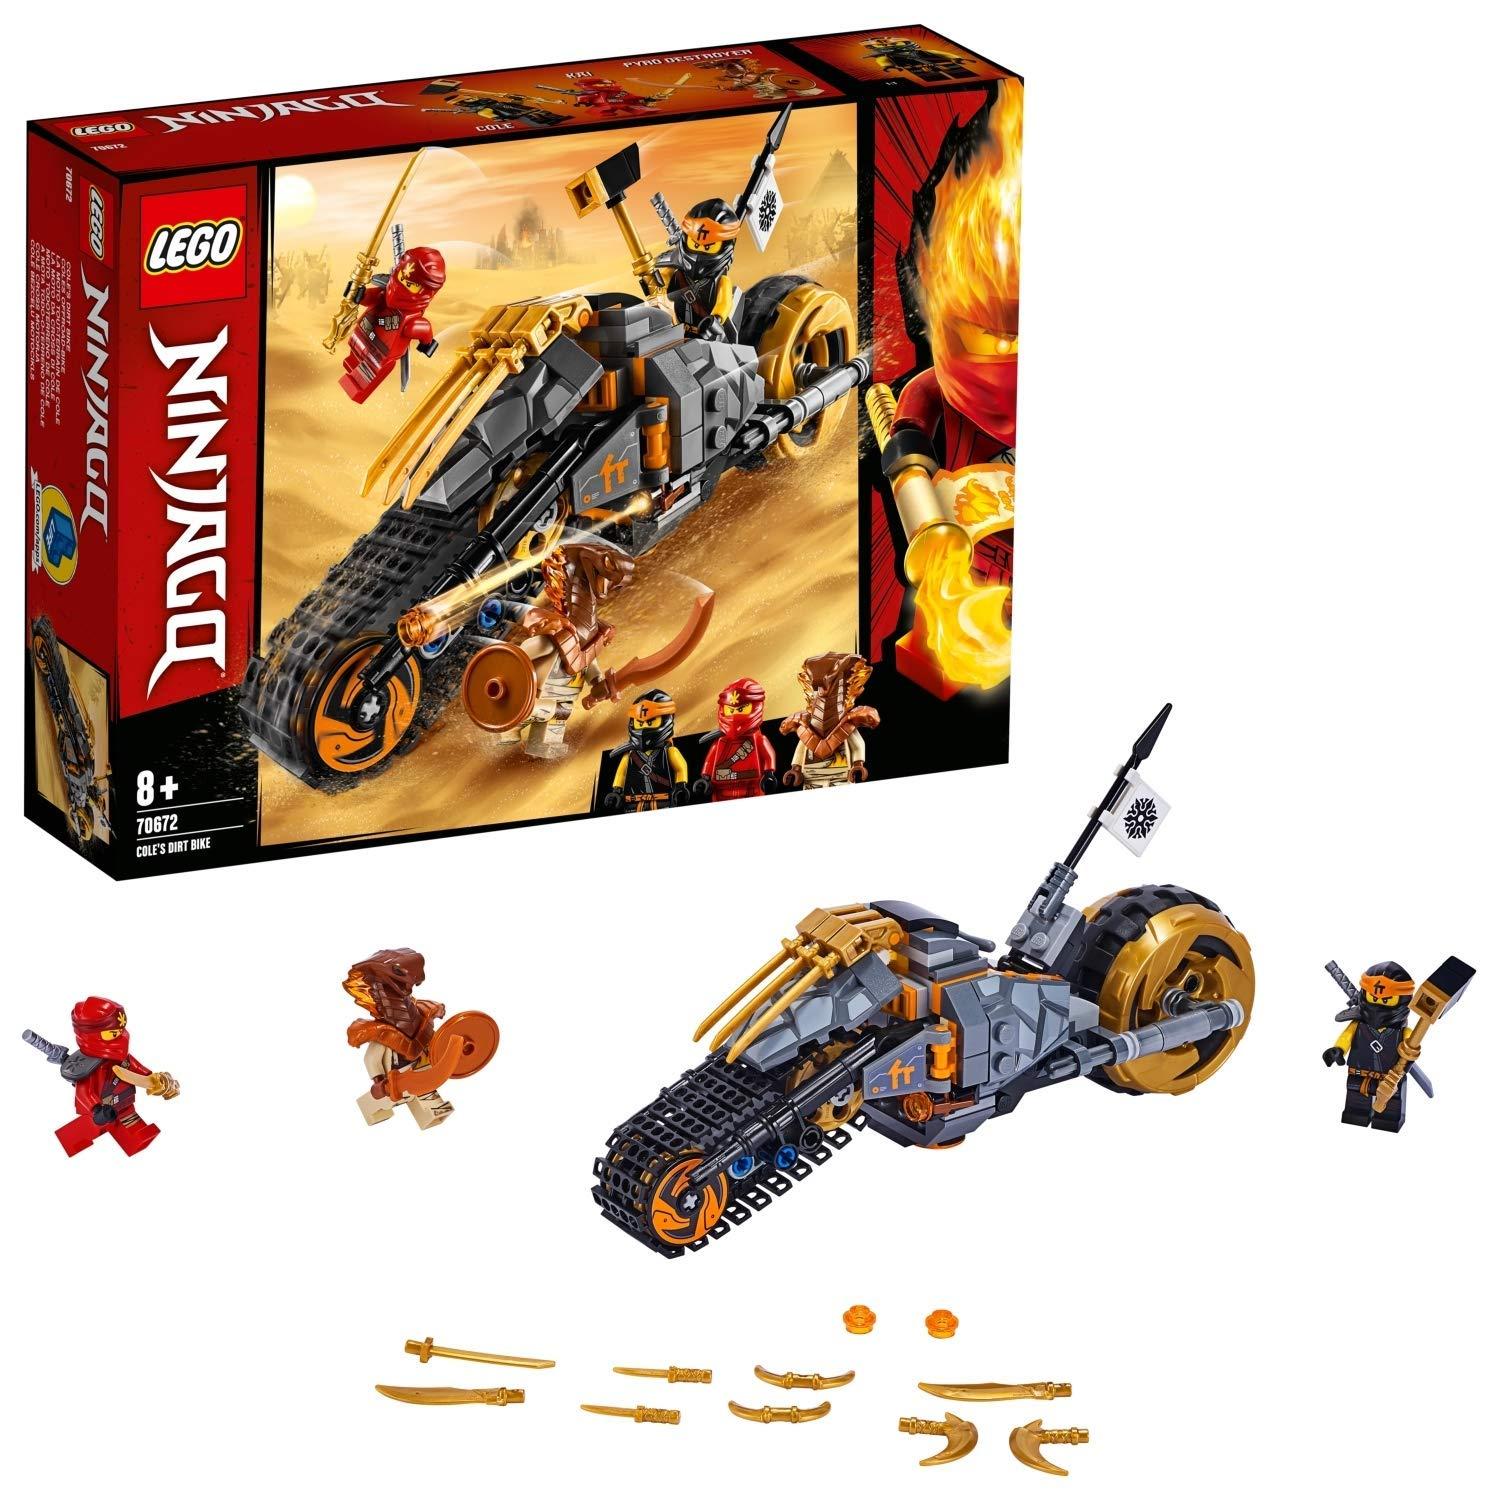 LEGO Ninjago - Moto Todoterreno de Cole Motocicleta Ninja de Juguete con Rueda de Oruga, incluye dos Minifiguras de Ninjas, Novedad 2019 (70672)